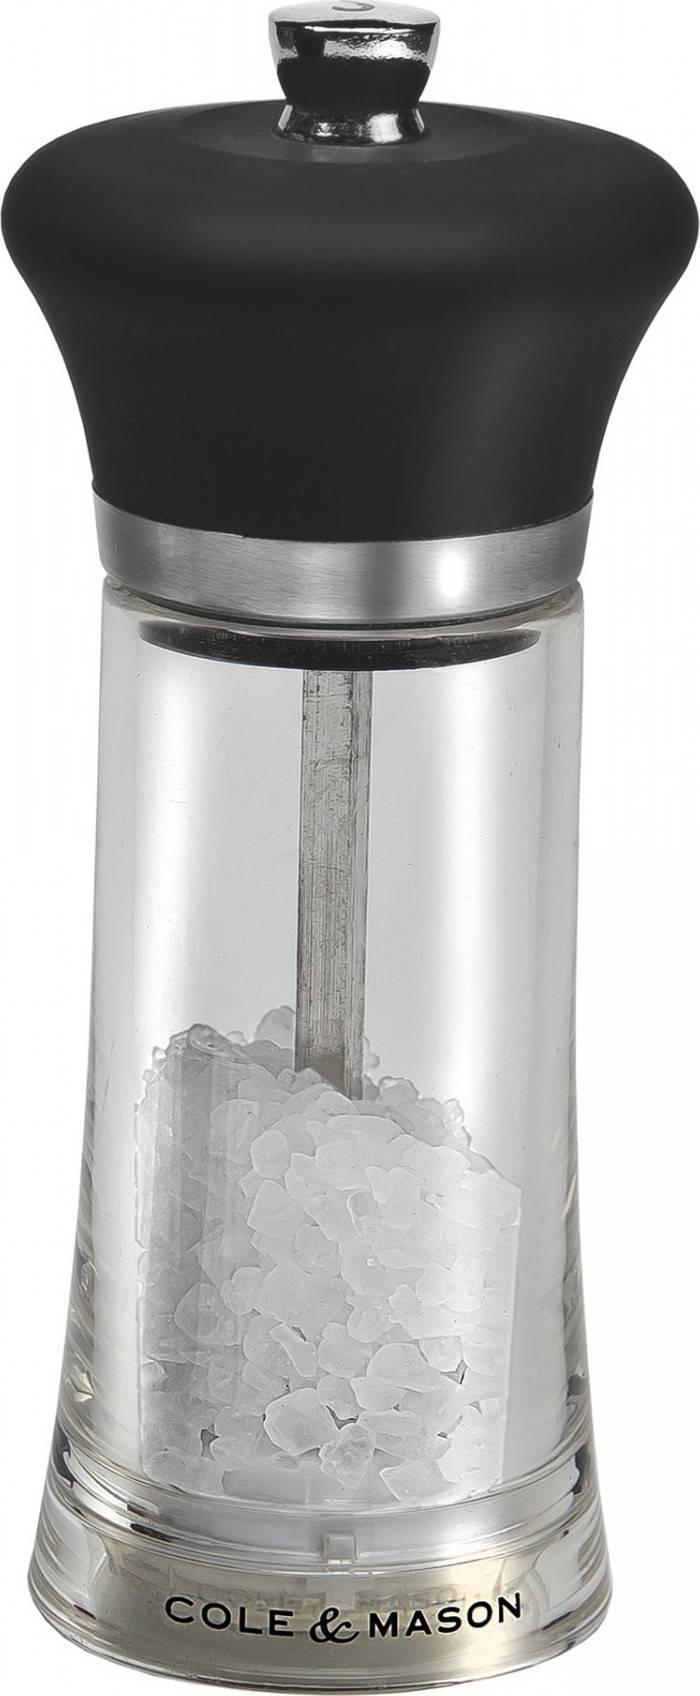 Cole & Mason HUNTINGDON mlýnek na sůl, 140mm H307292P DKB Household UK Limited